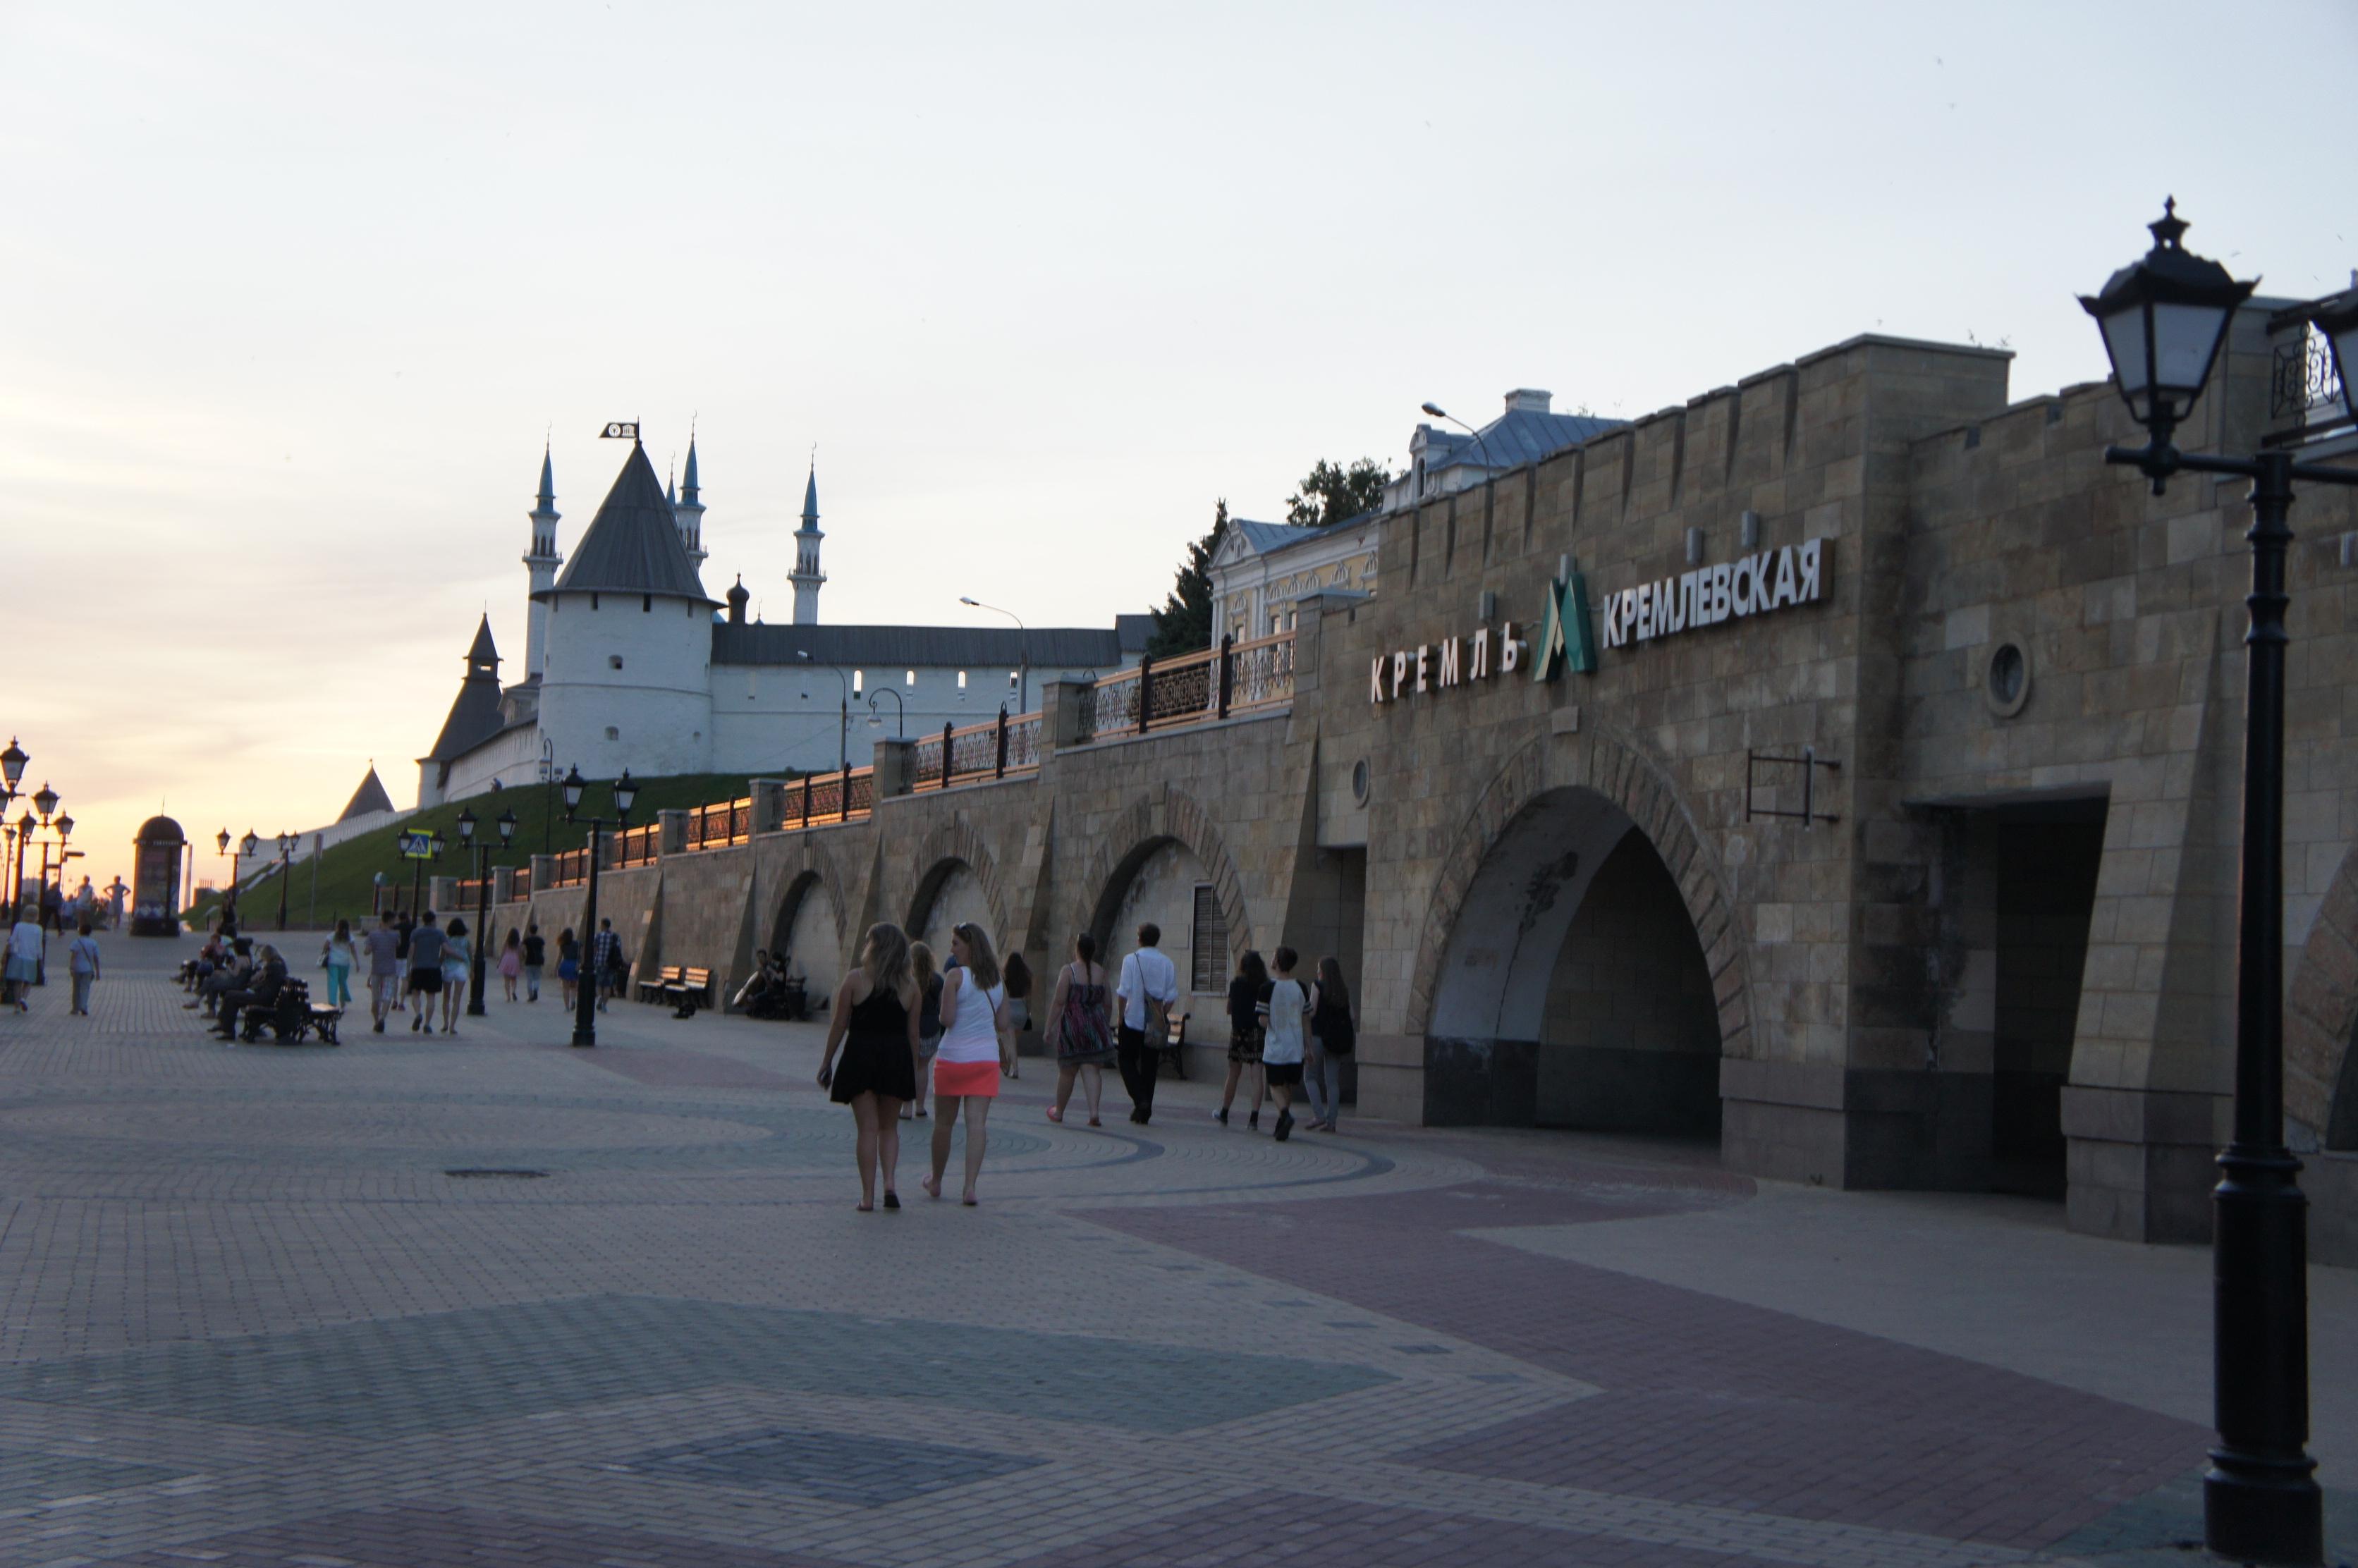 クレムリョフスカヤ駅